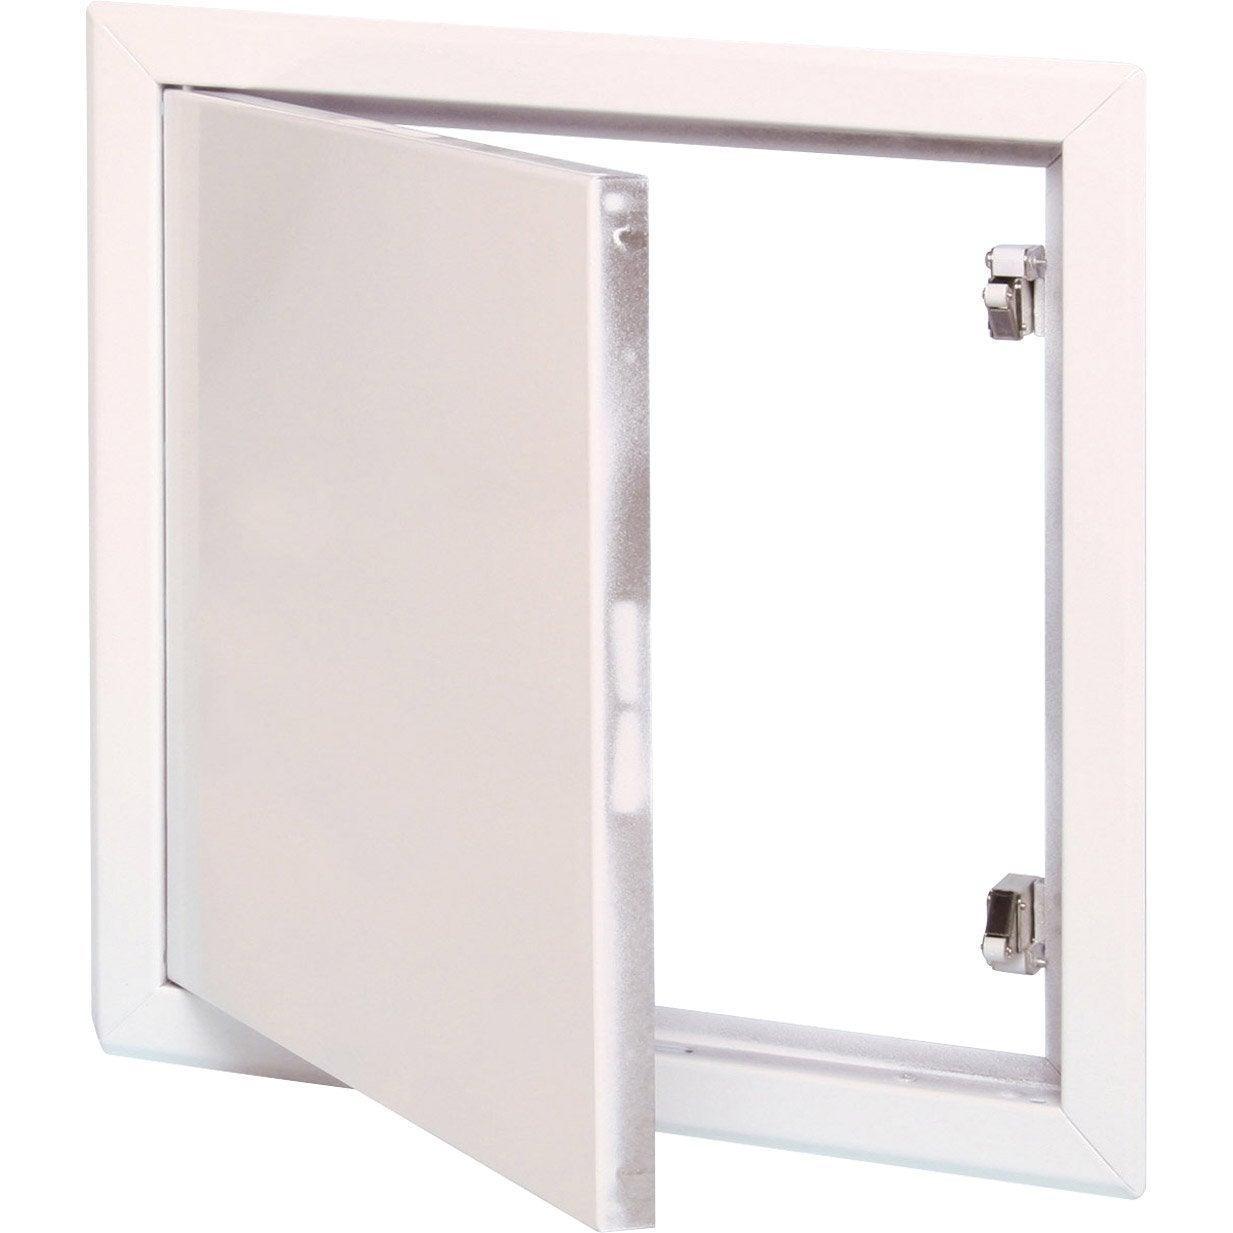 Trappe de visite blanche laqu e semin 80 x 80 cm leroy for Fenster 80 x 80